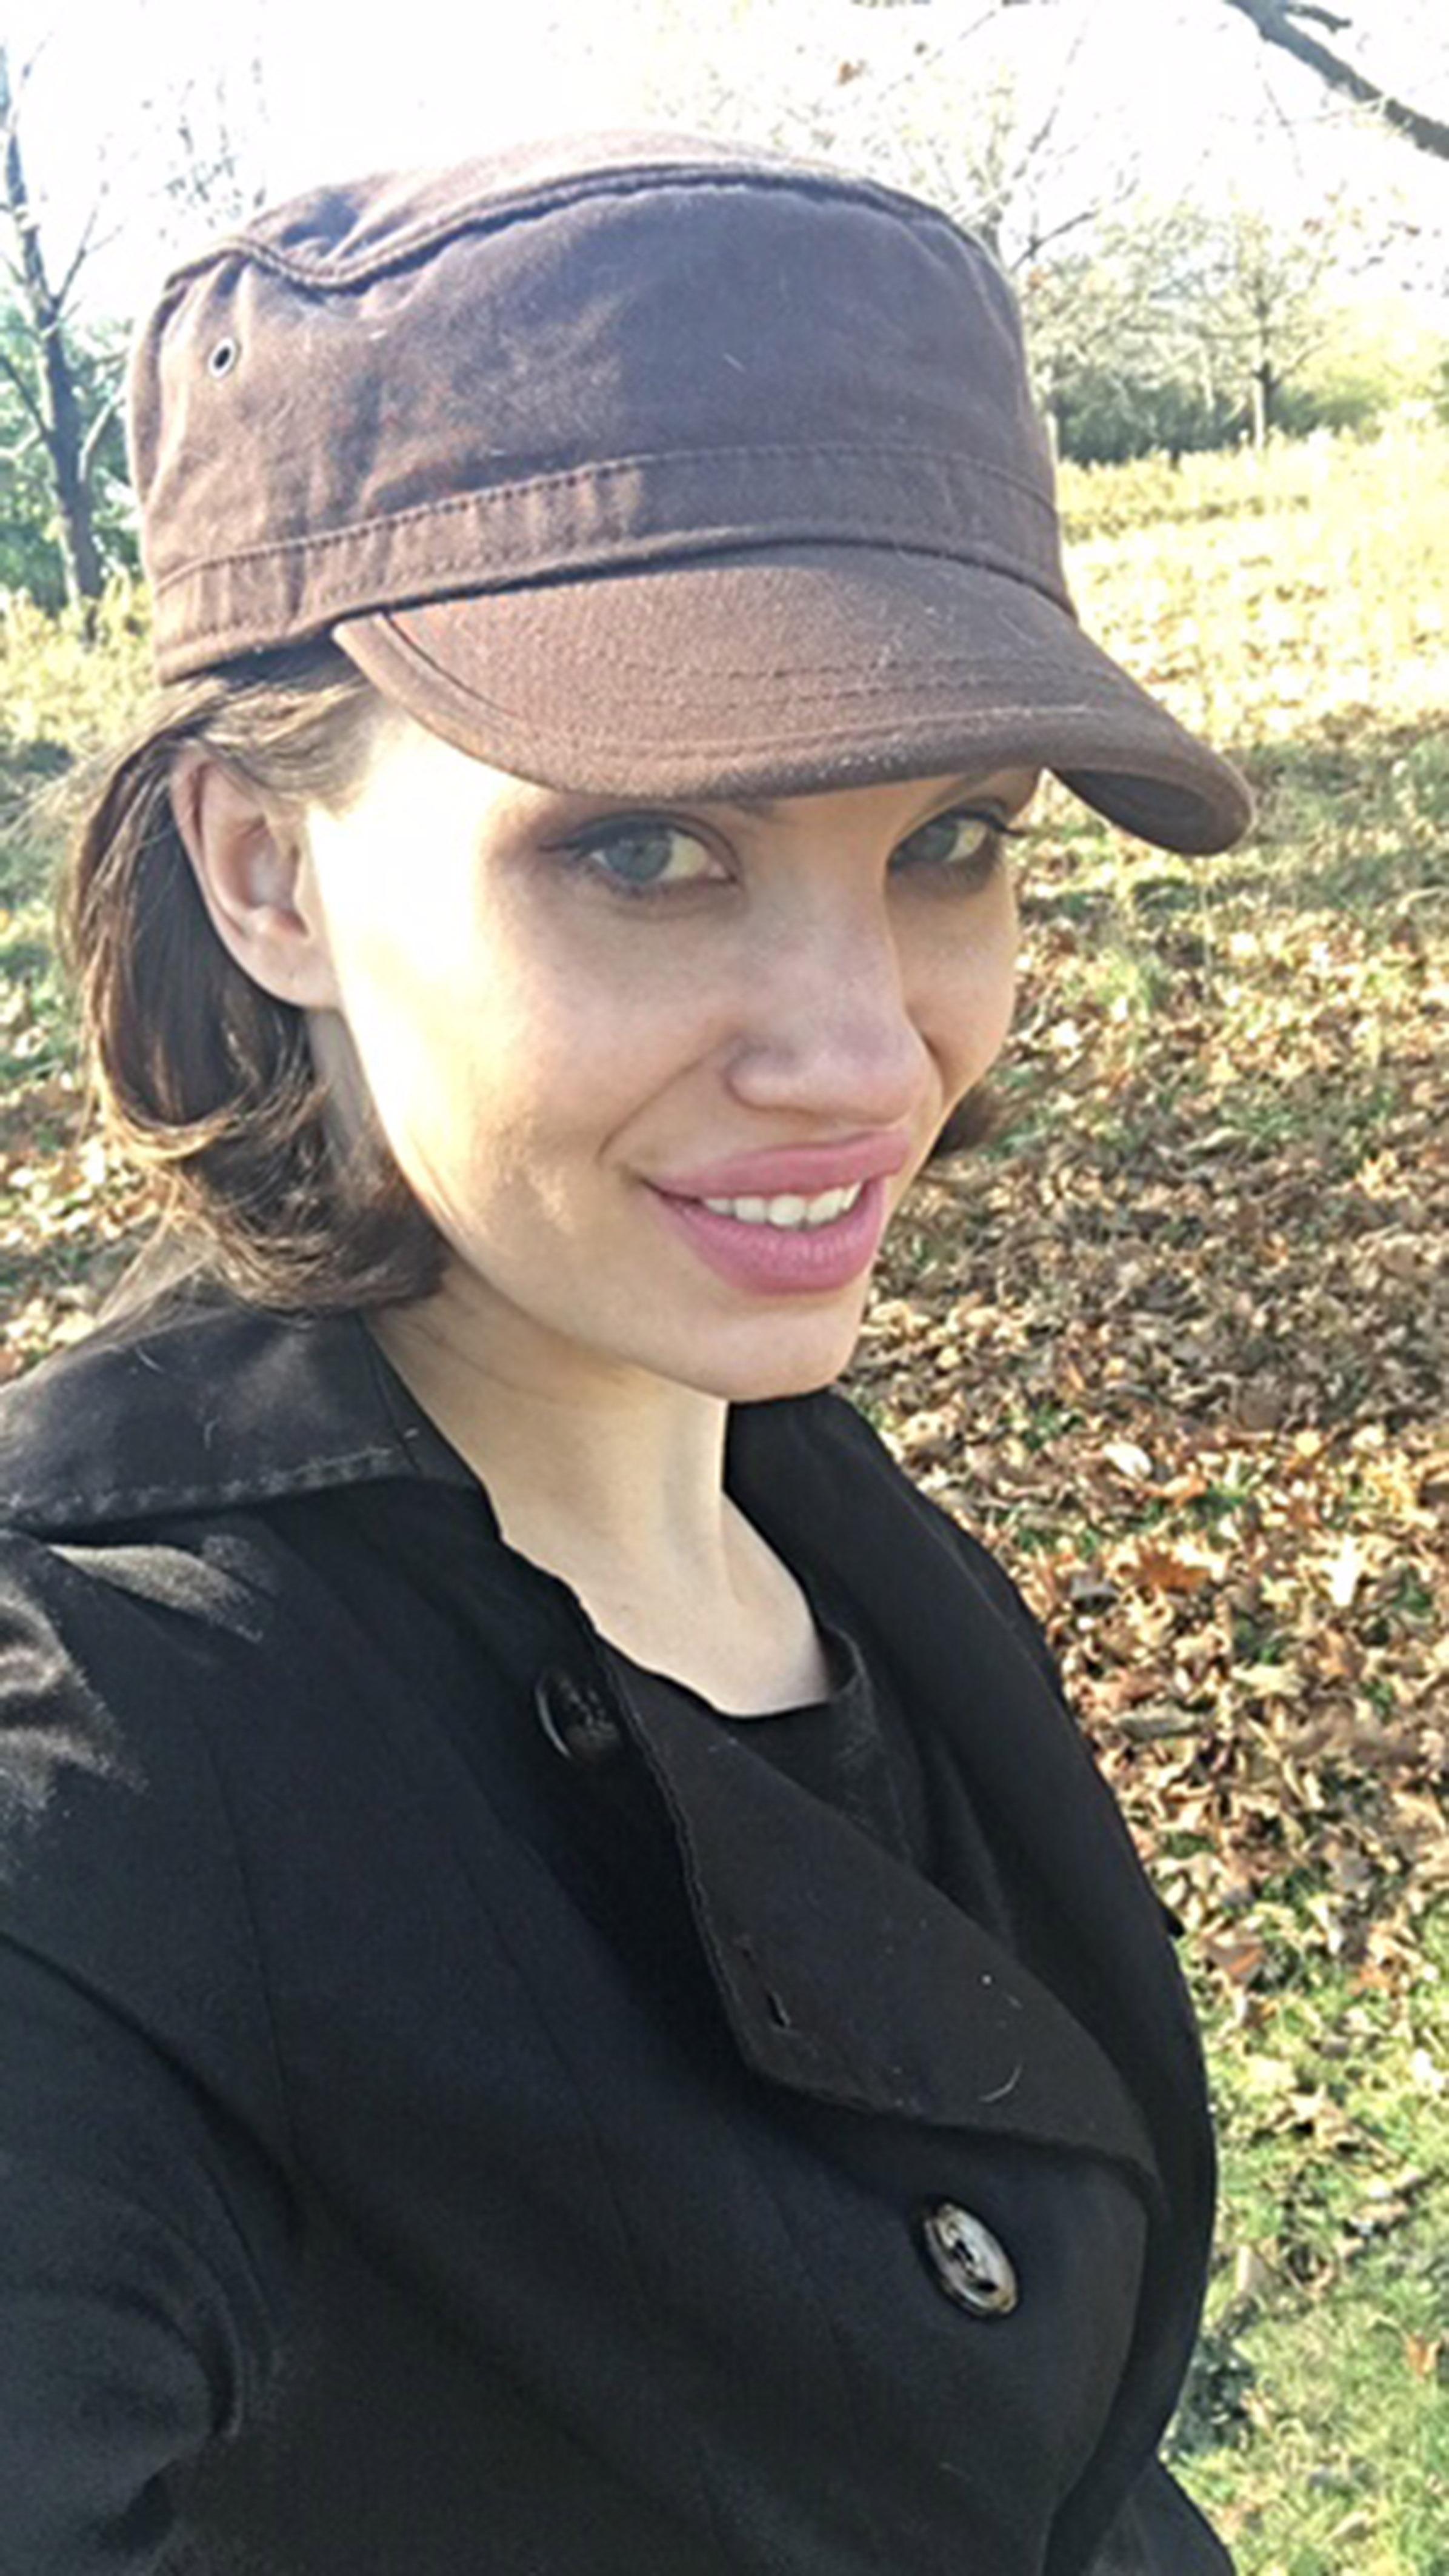 Melissa Baizen, clon de Angelina Jolie